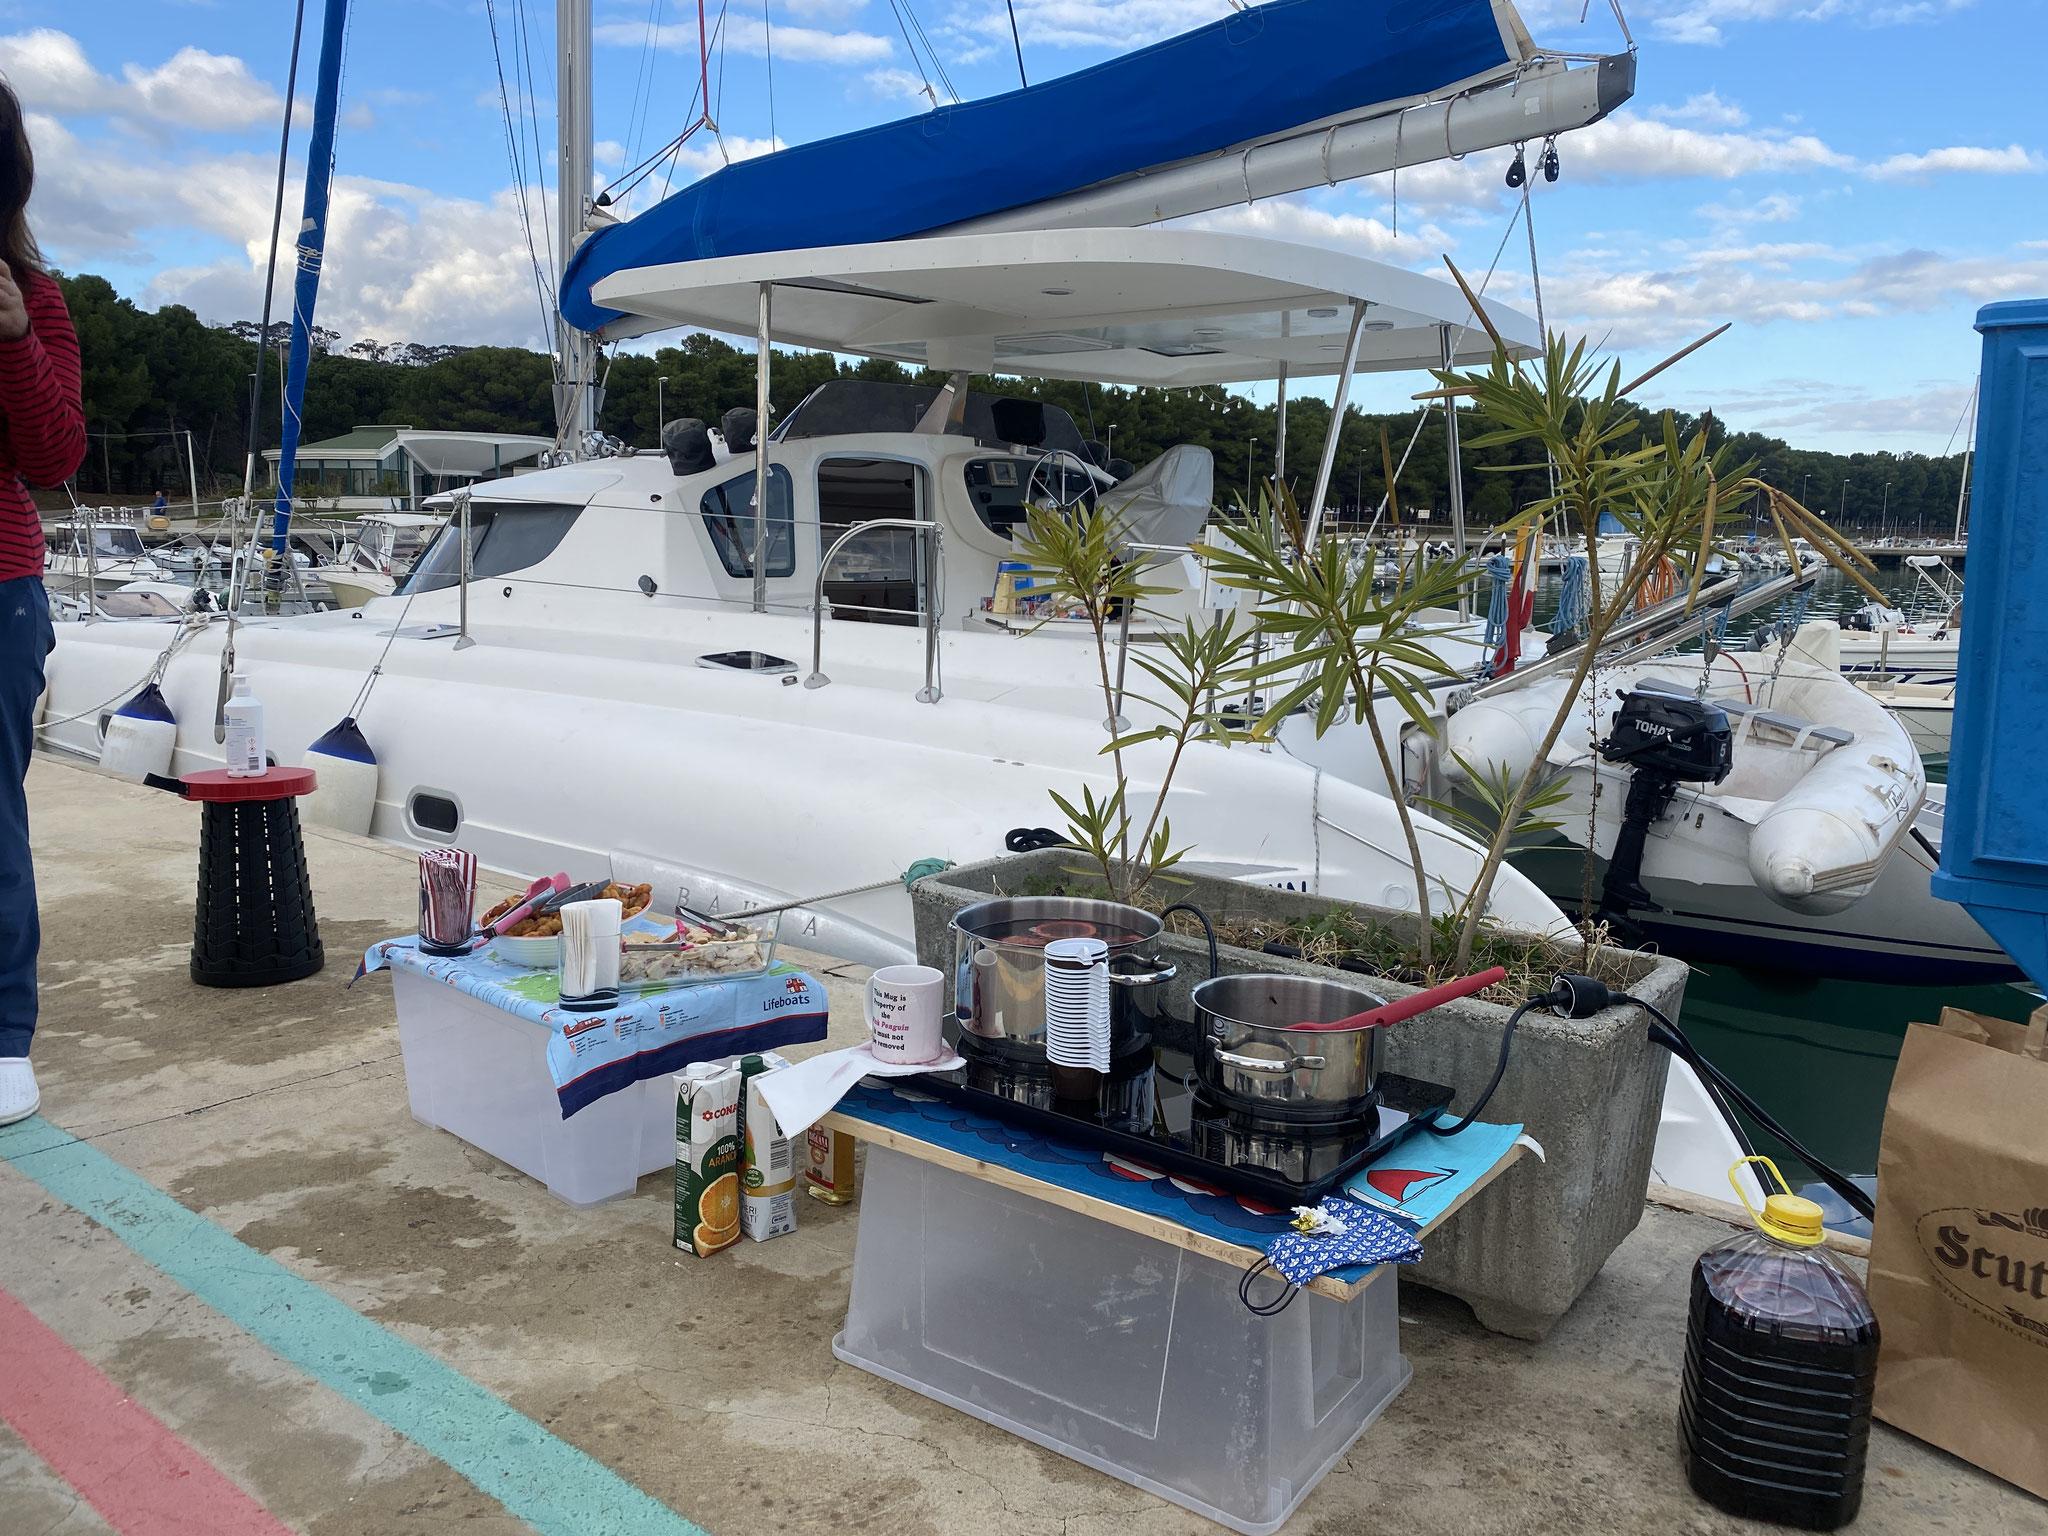 Glühwein für die Marina / mulled wine for the marina